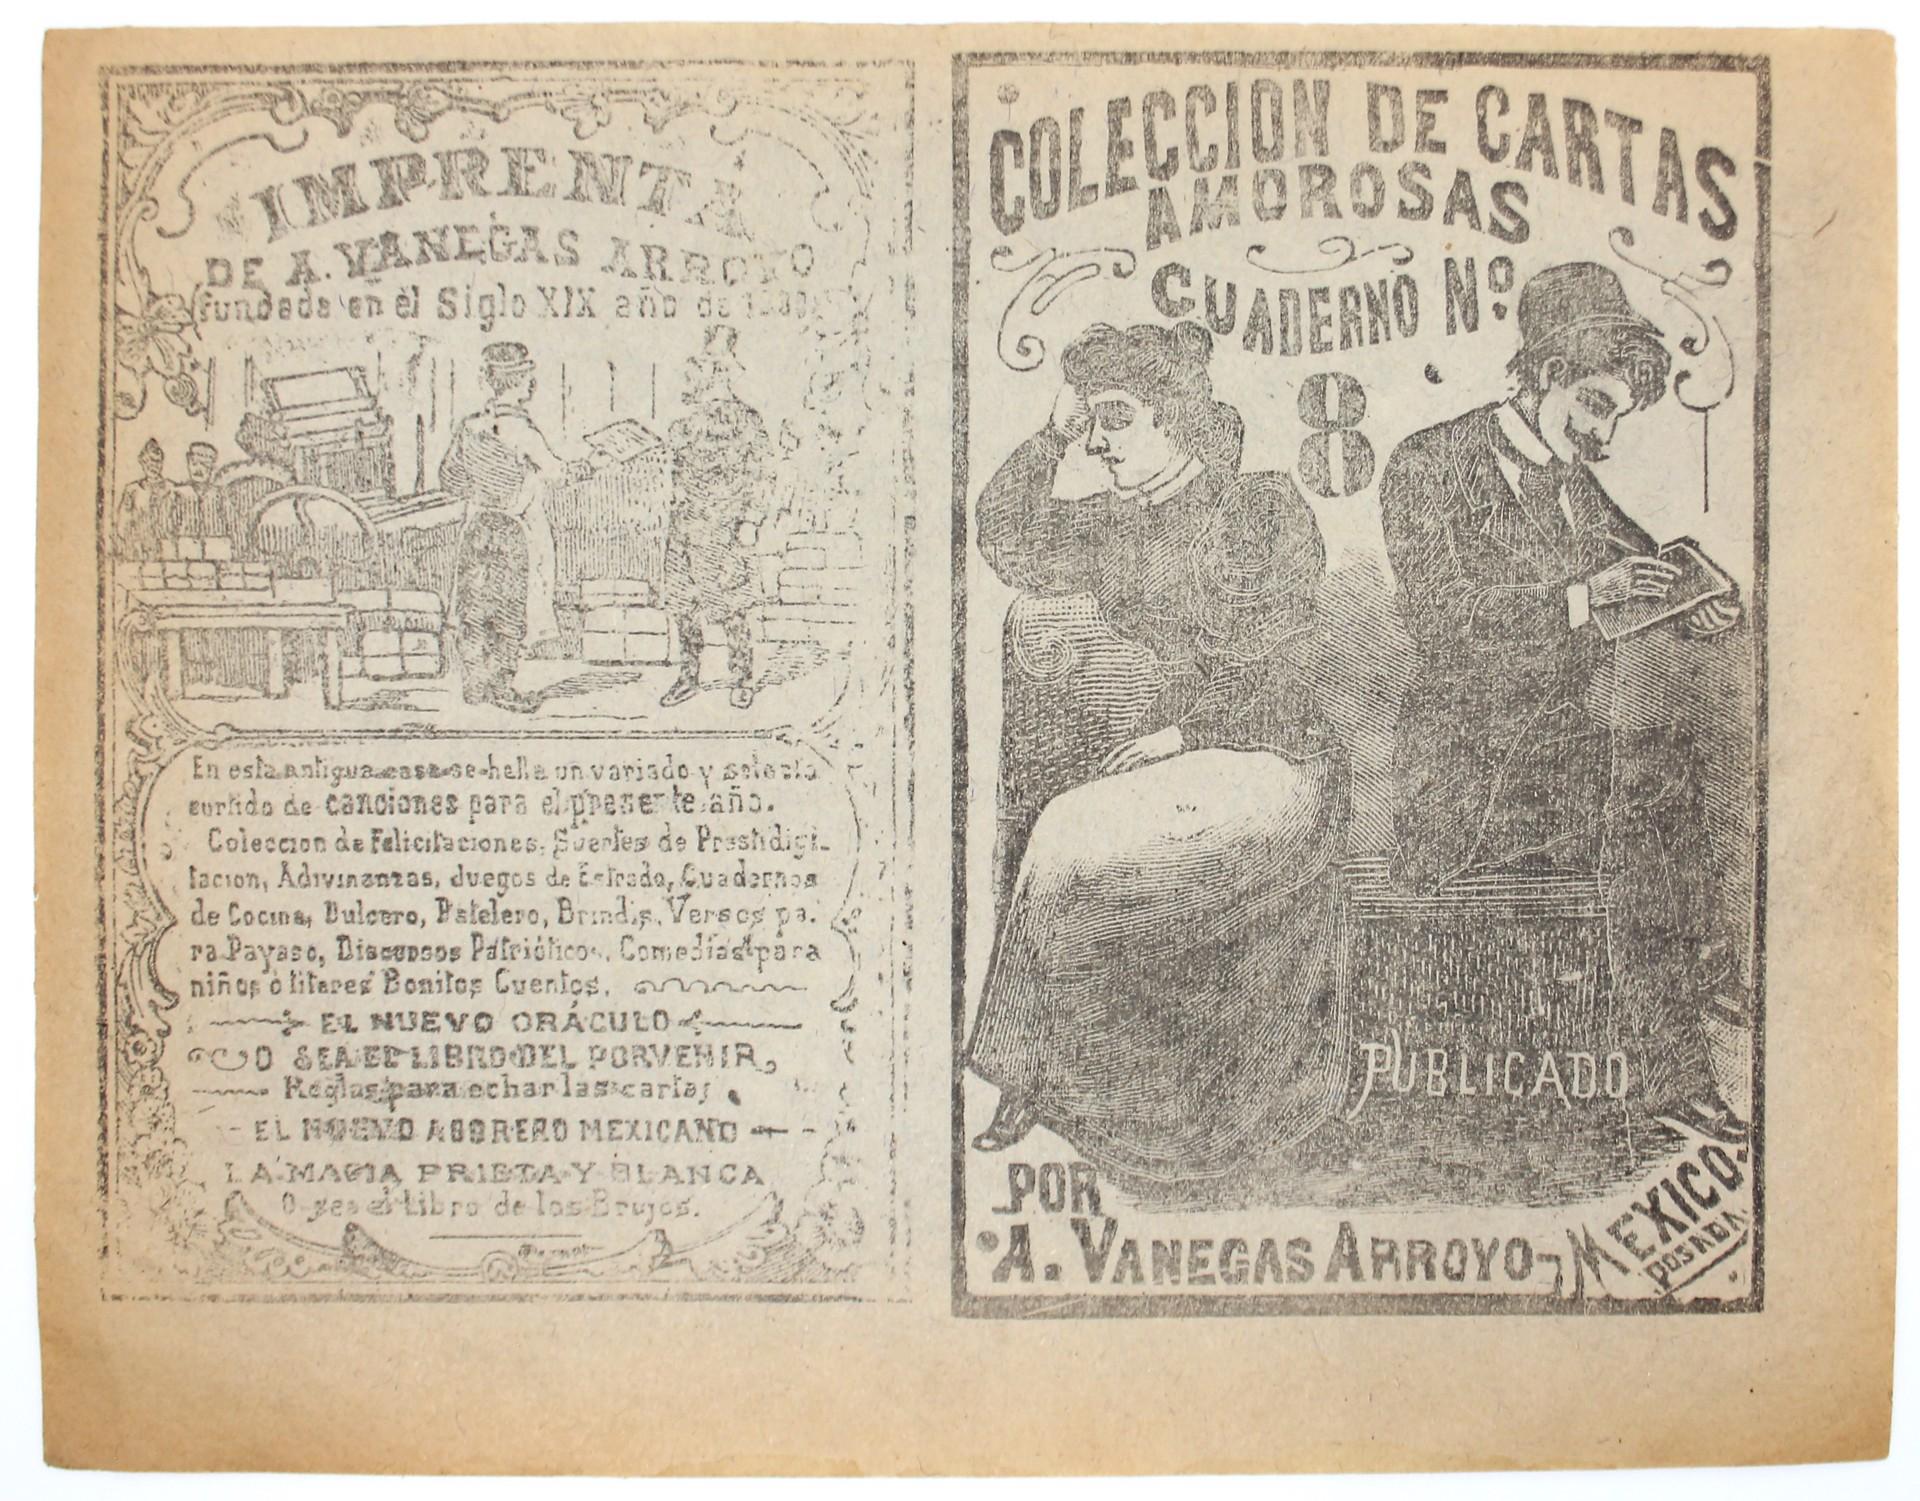 Coleccion de Cartas Amorosas, Cuaderno 8 by José Guadalupe Posada (1852 - 1913)